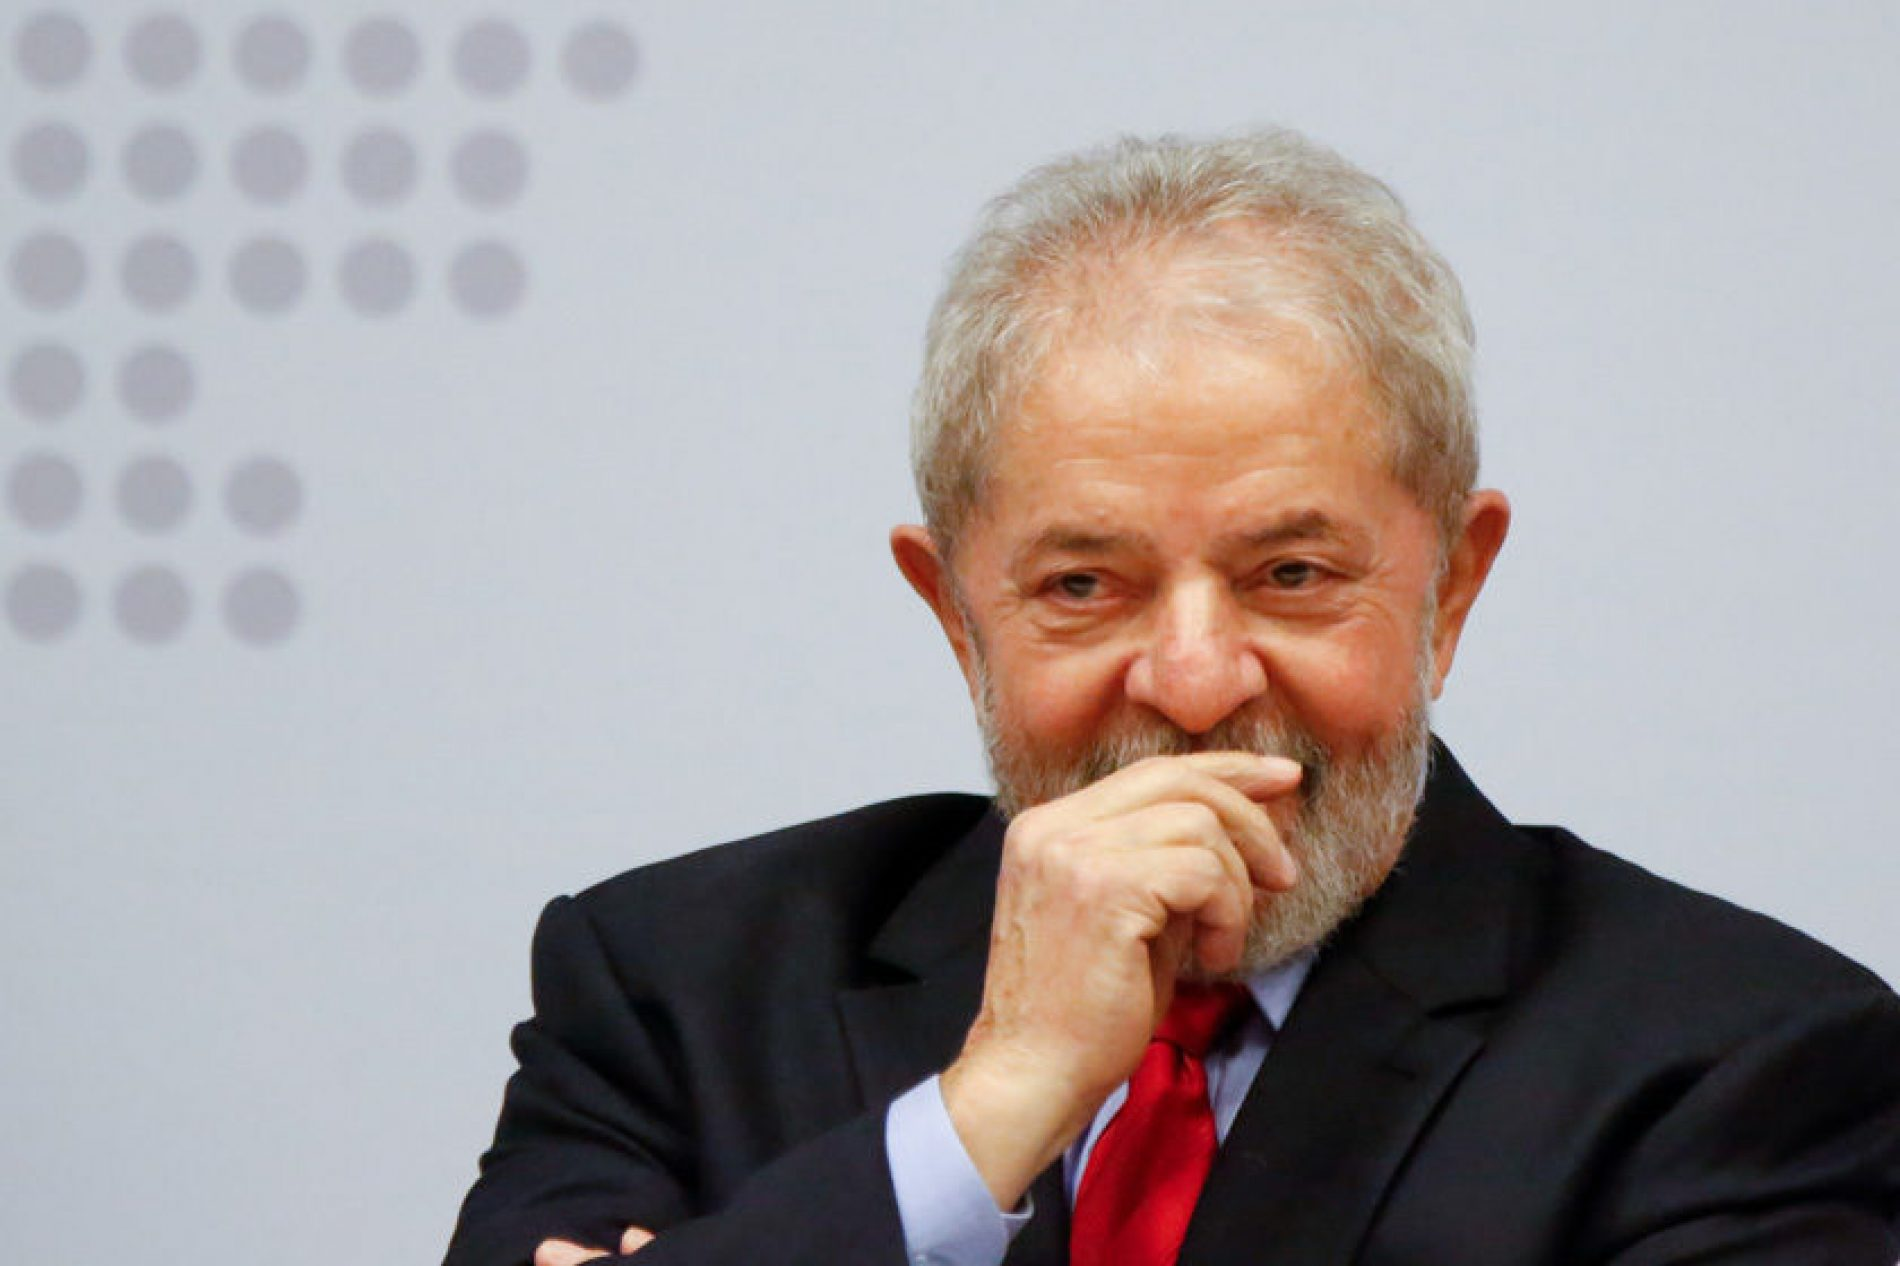 Tá podendo! Lula recebe cinco cartas por semana com pedidos de namoro, diz coluna